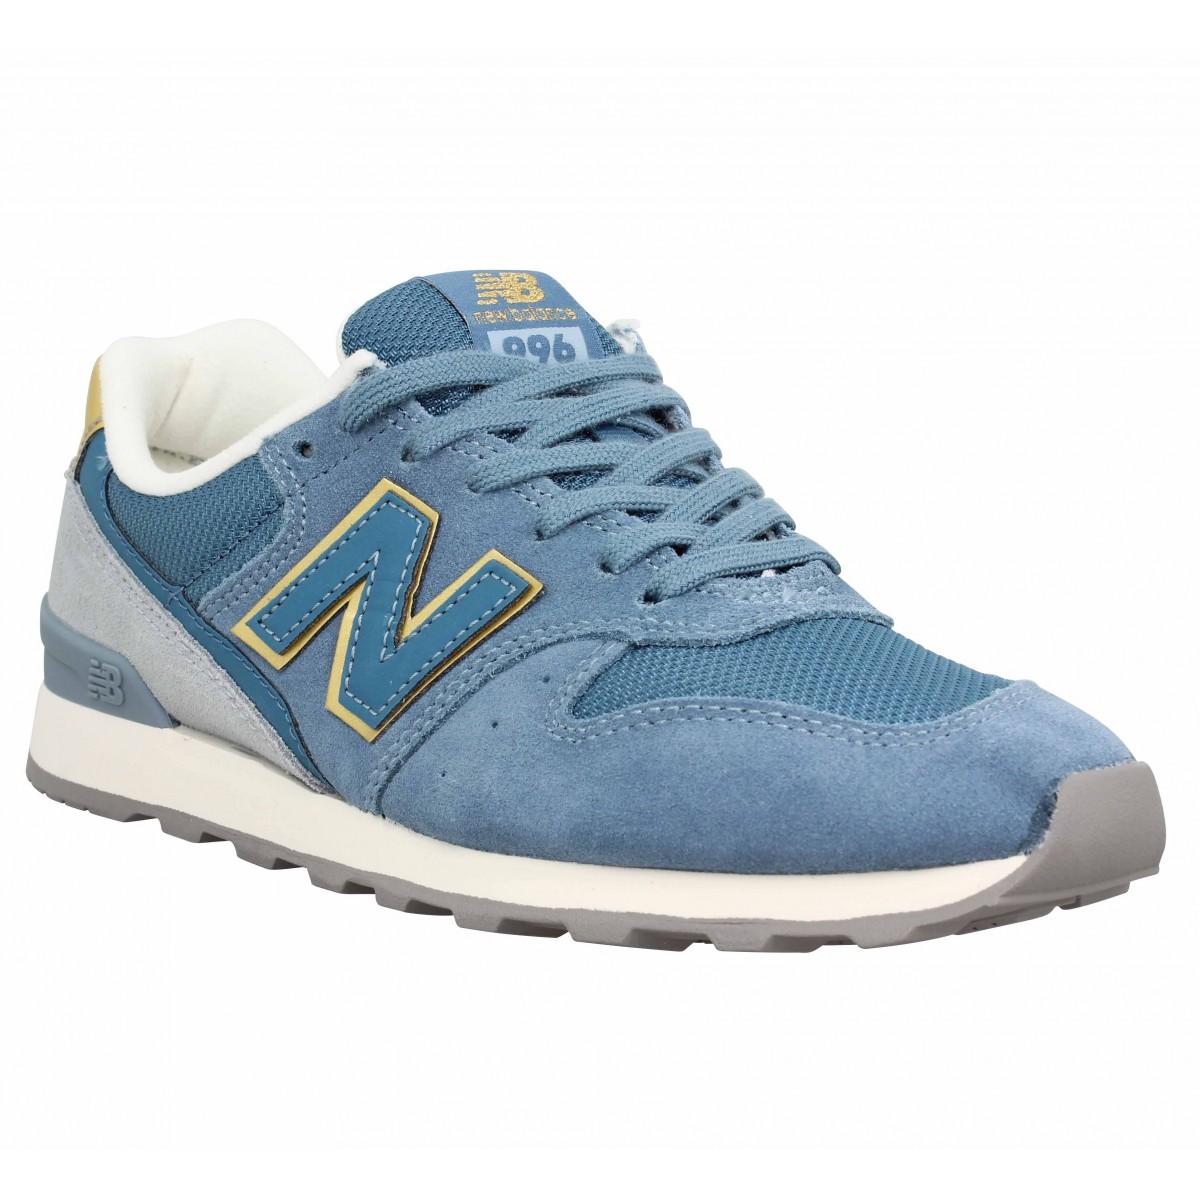 447304f24a0e0 New balance chaussures pour femme - Vente en ligne